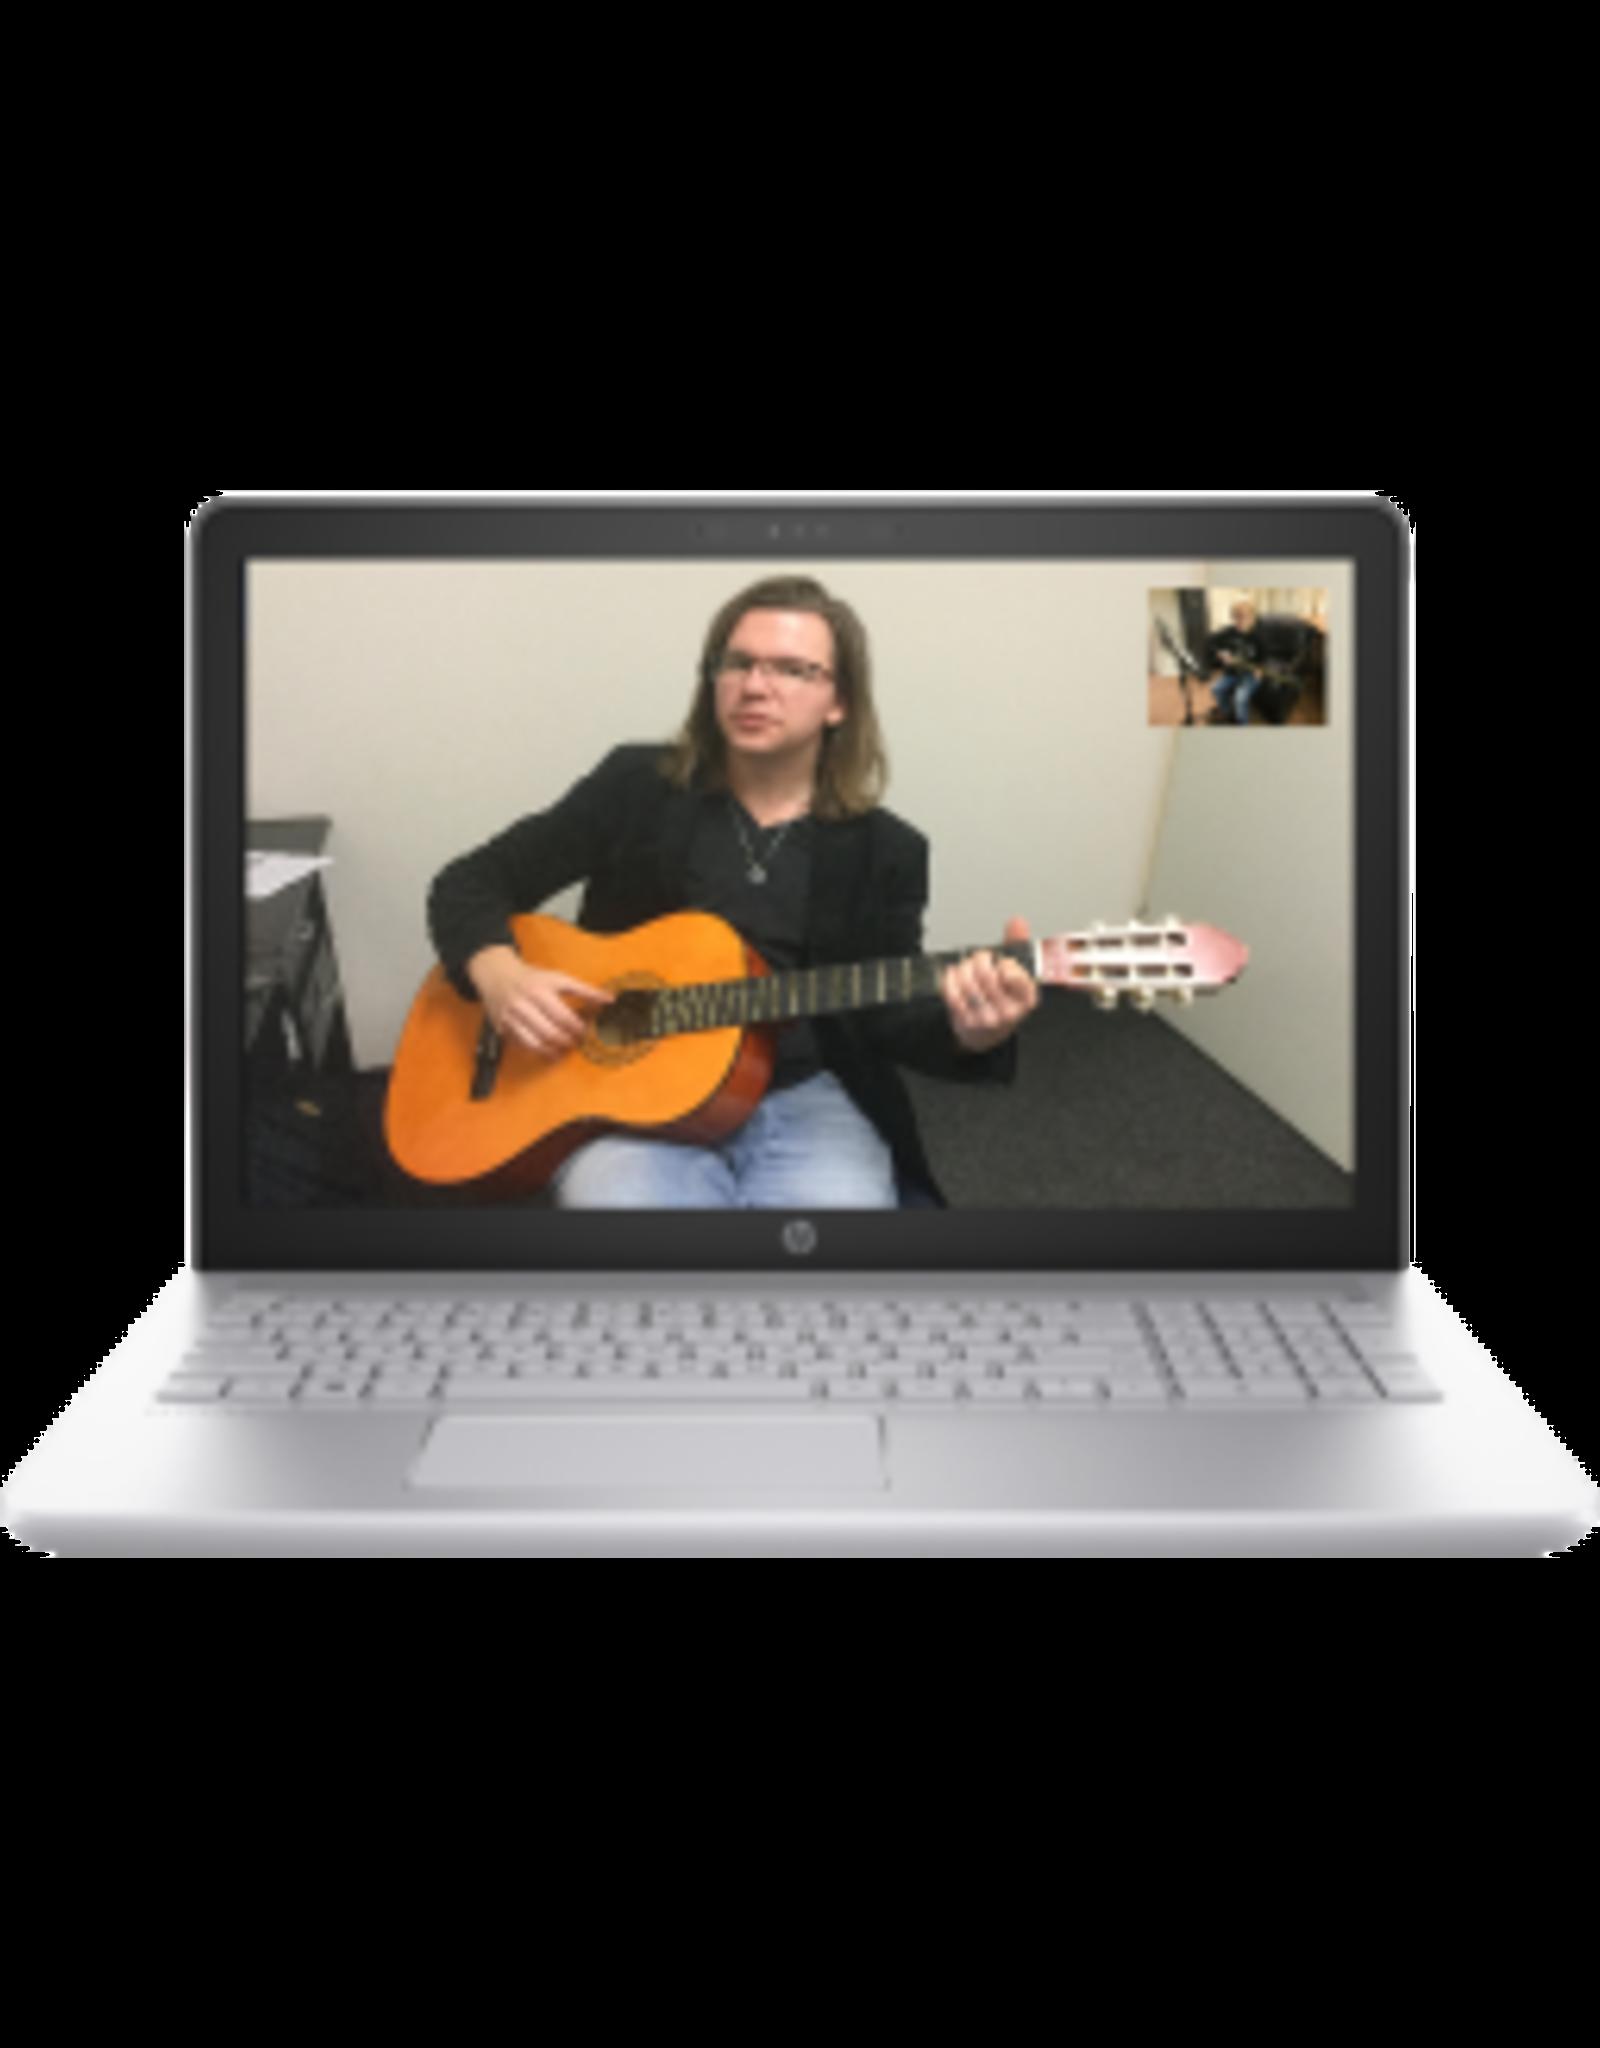 Online Muziekopleiding Gitaarlessen onder de 21 jaar door Online Muziekopleiding, muziekles via je webcam